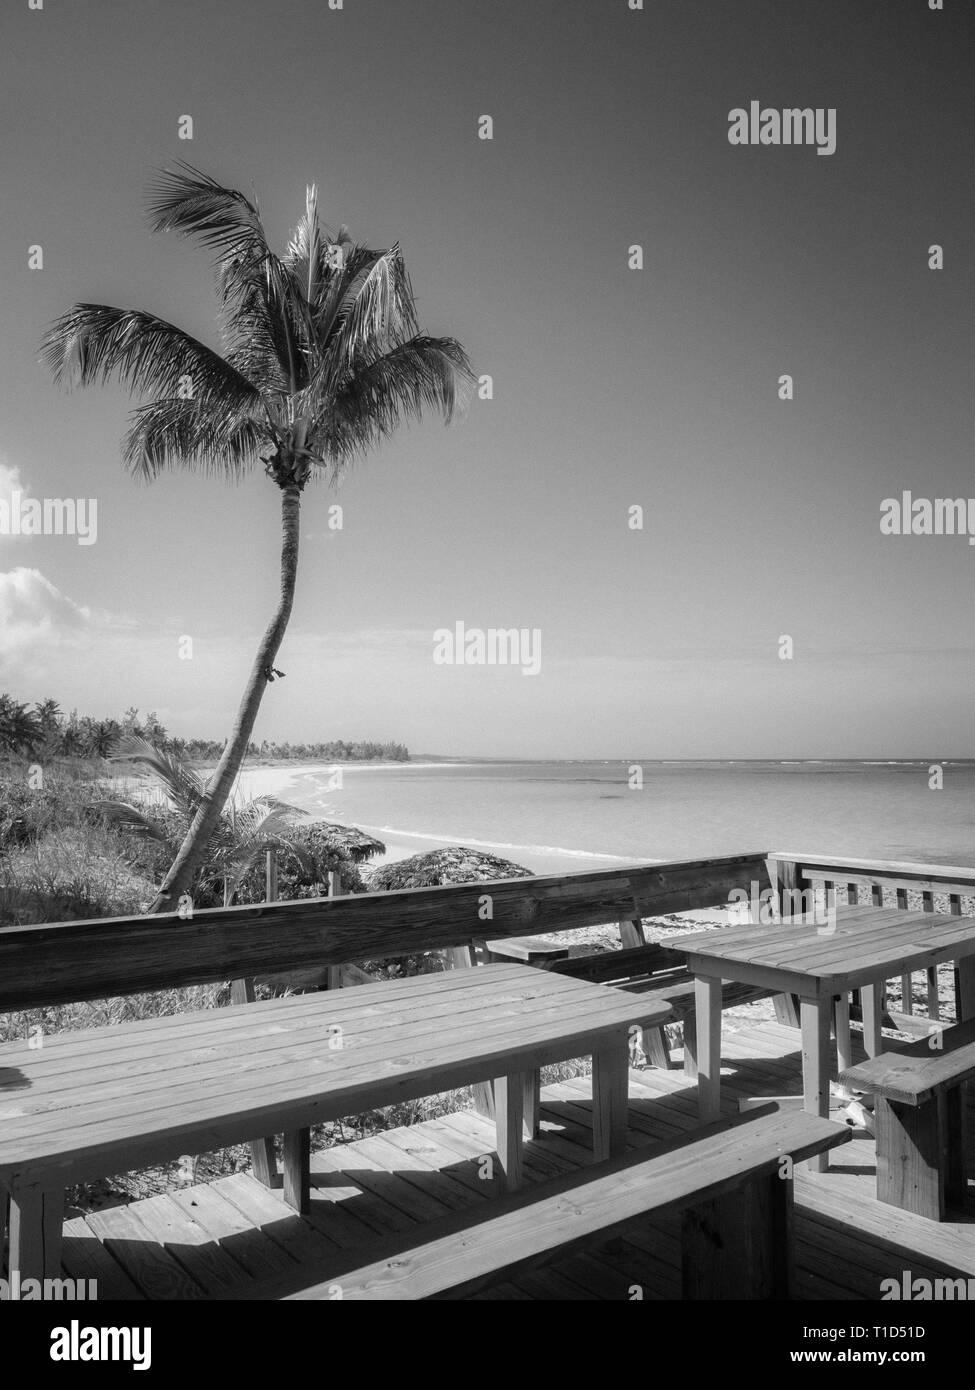 Schwarze und weiße Landschaft der Küste, von Tippy Restaurant und Strandbar, North Palmetto Point, Eleuthera, Bahamas. Stockfoto